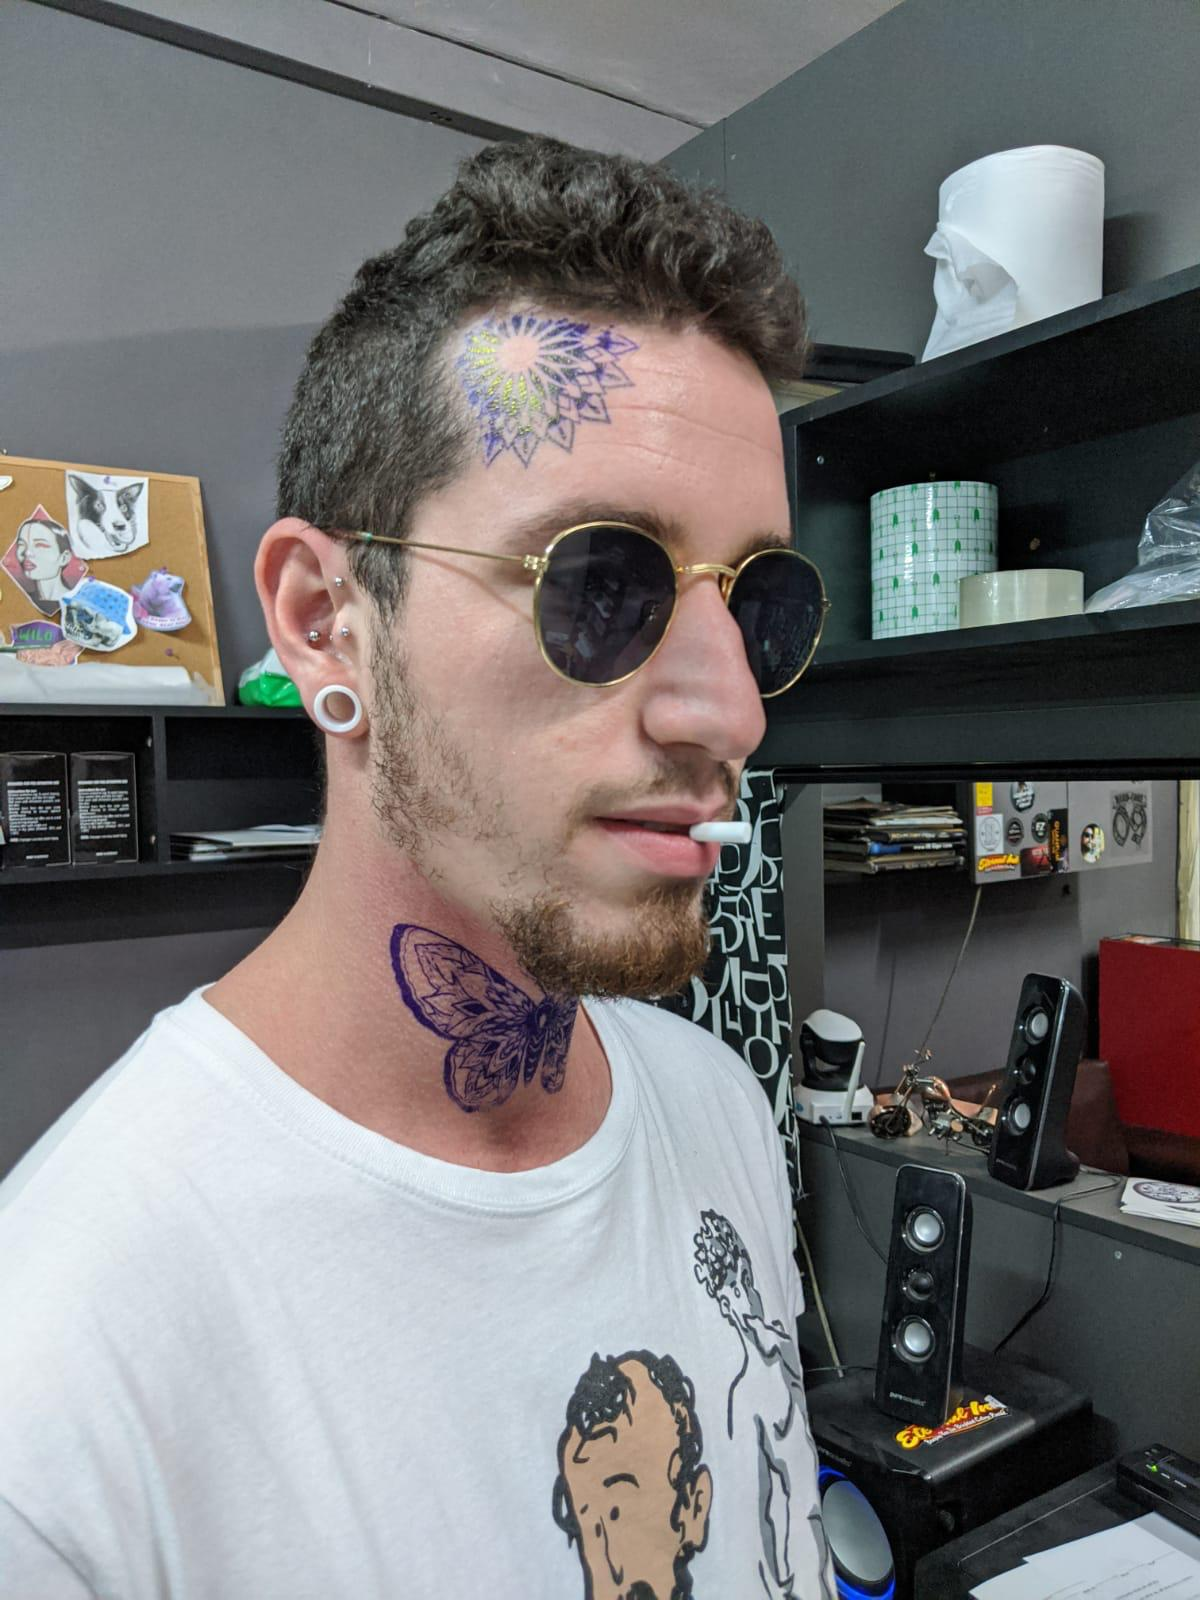 amir tattoo artist